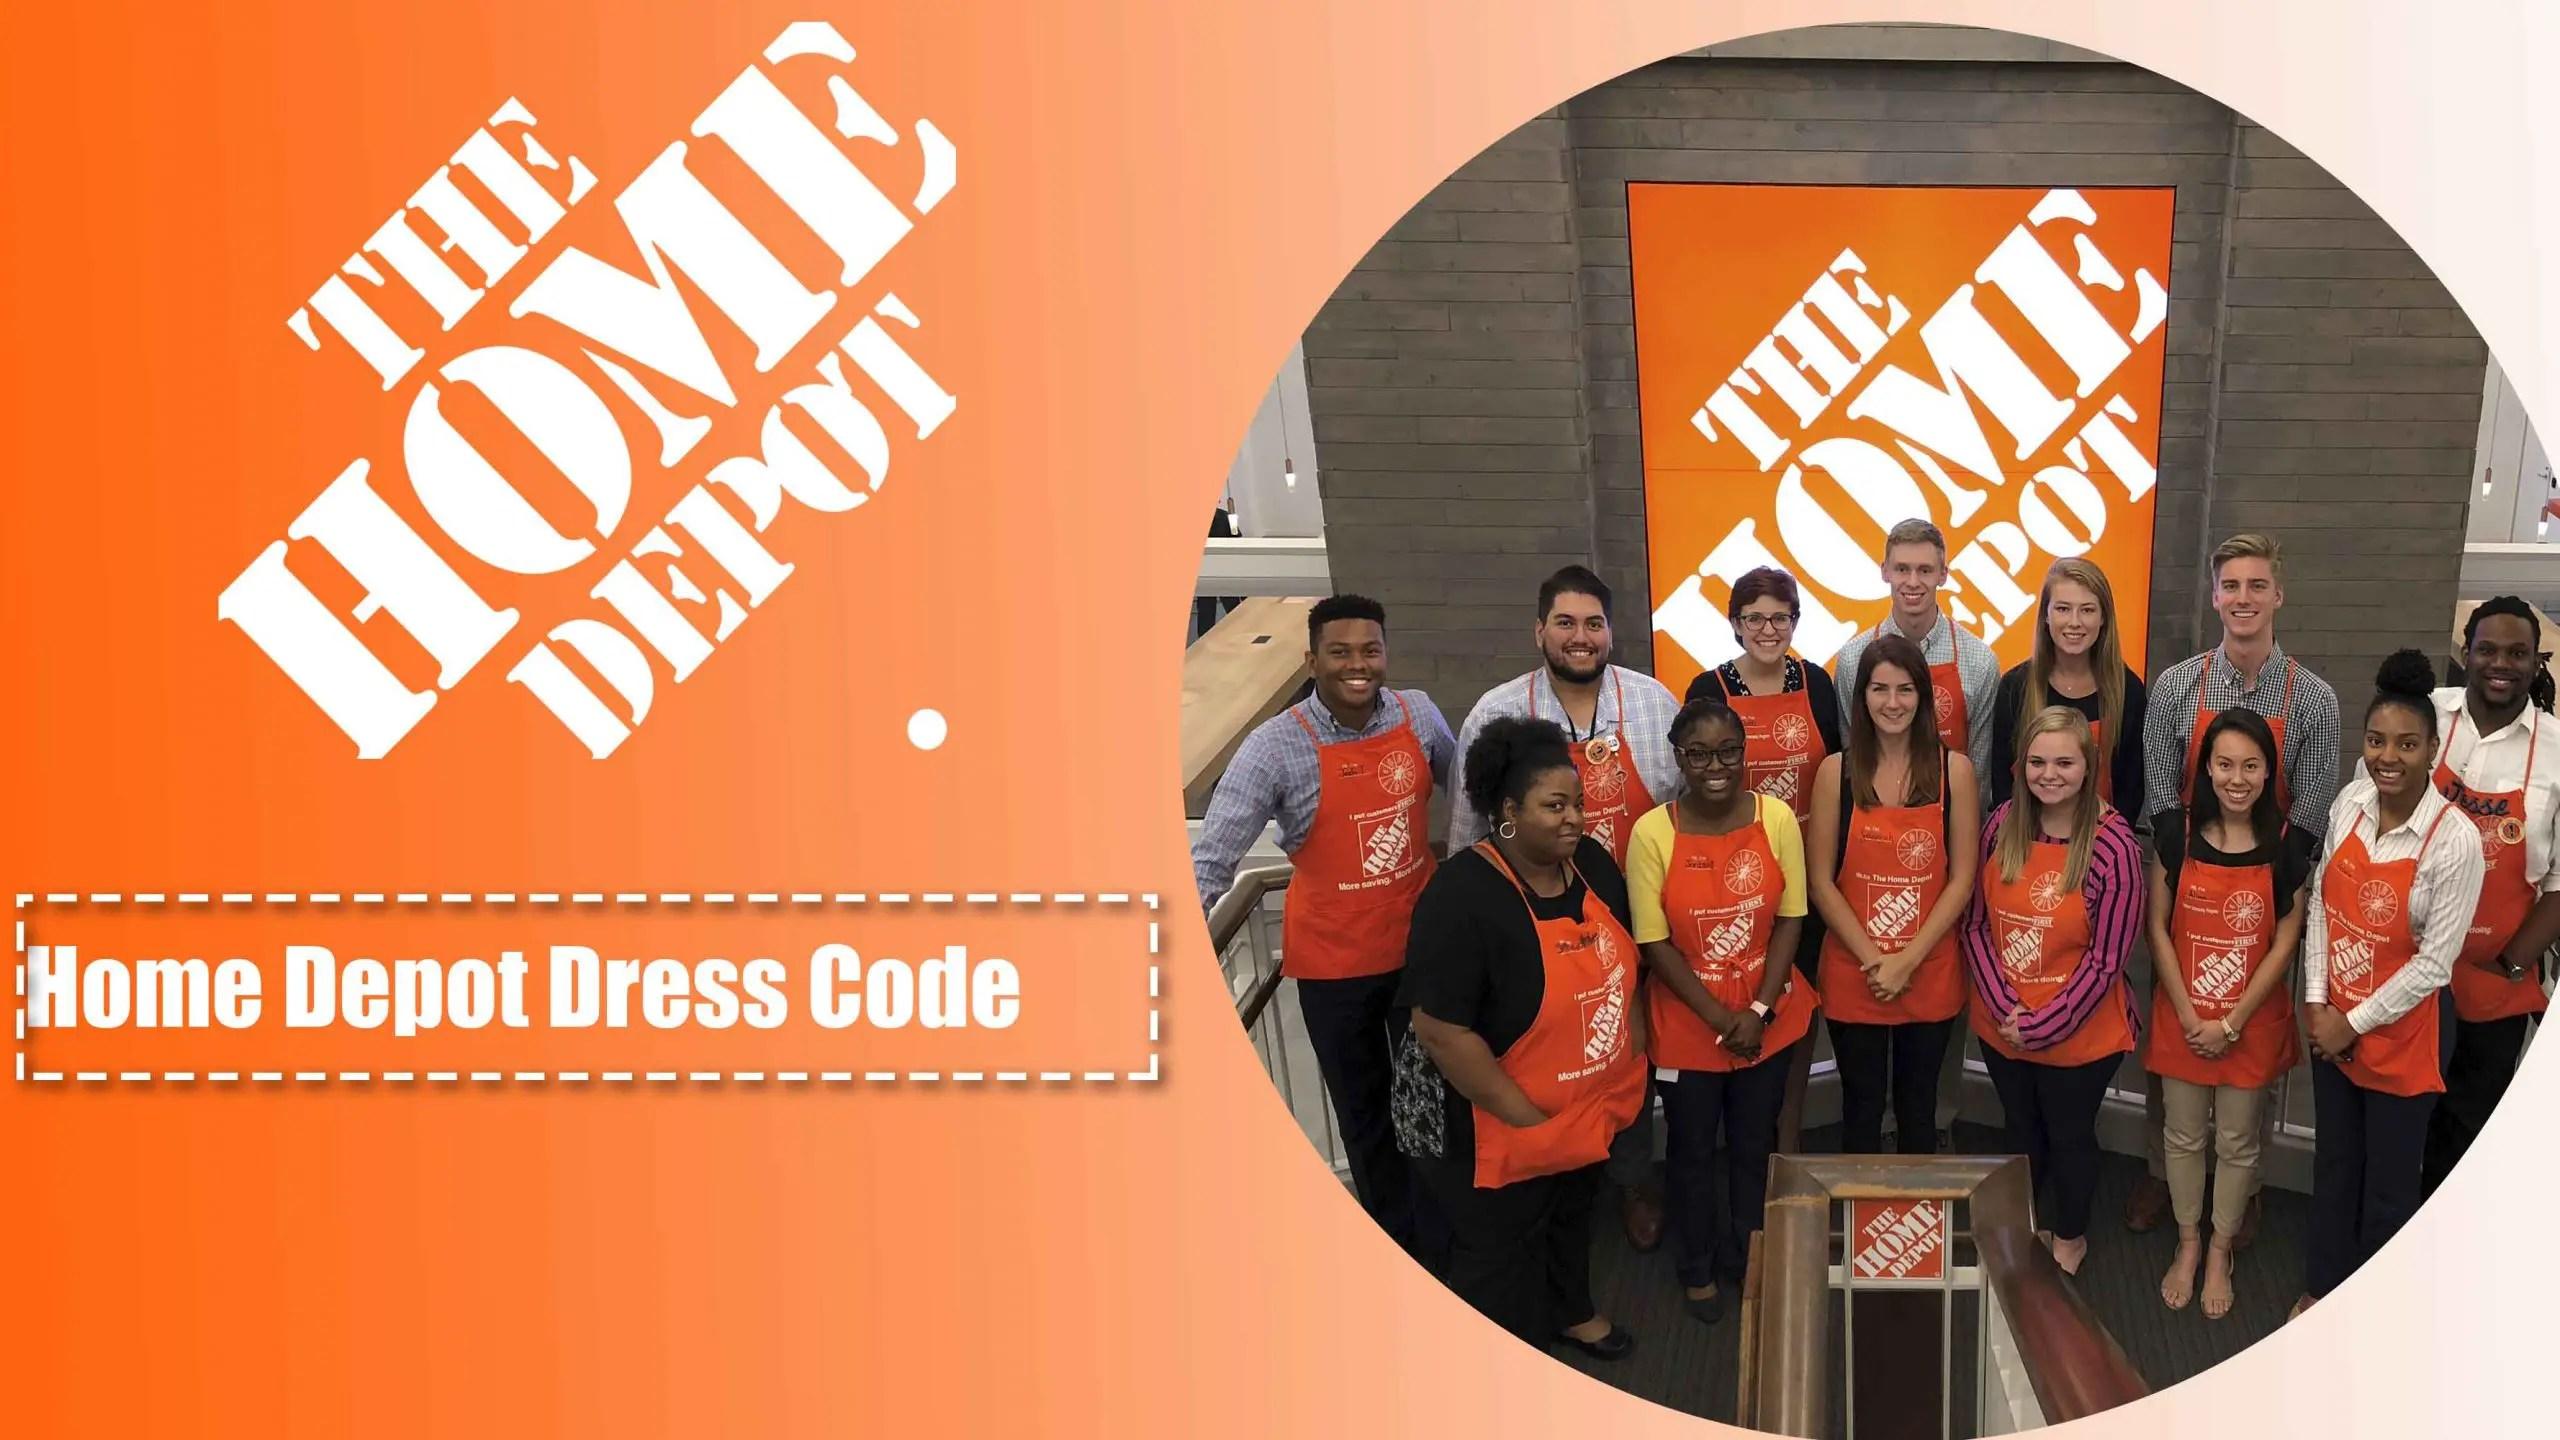 Home Depot Dress Code